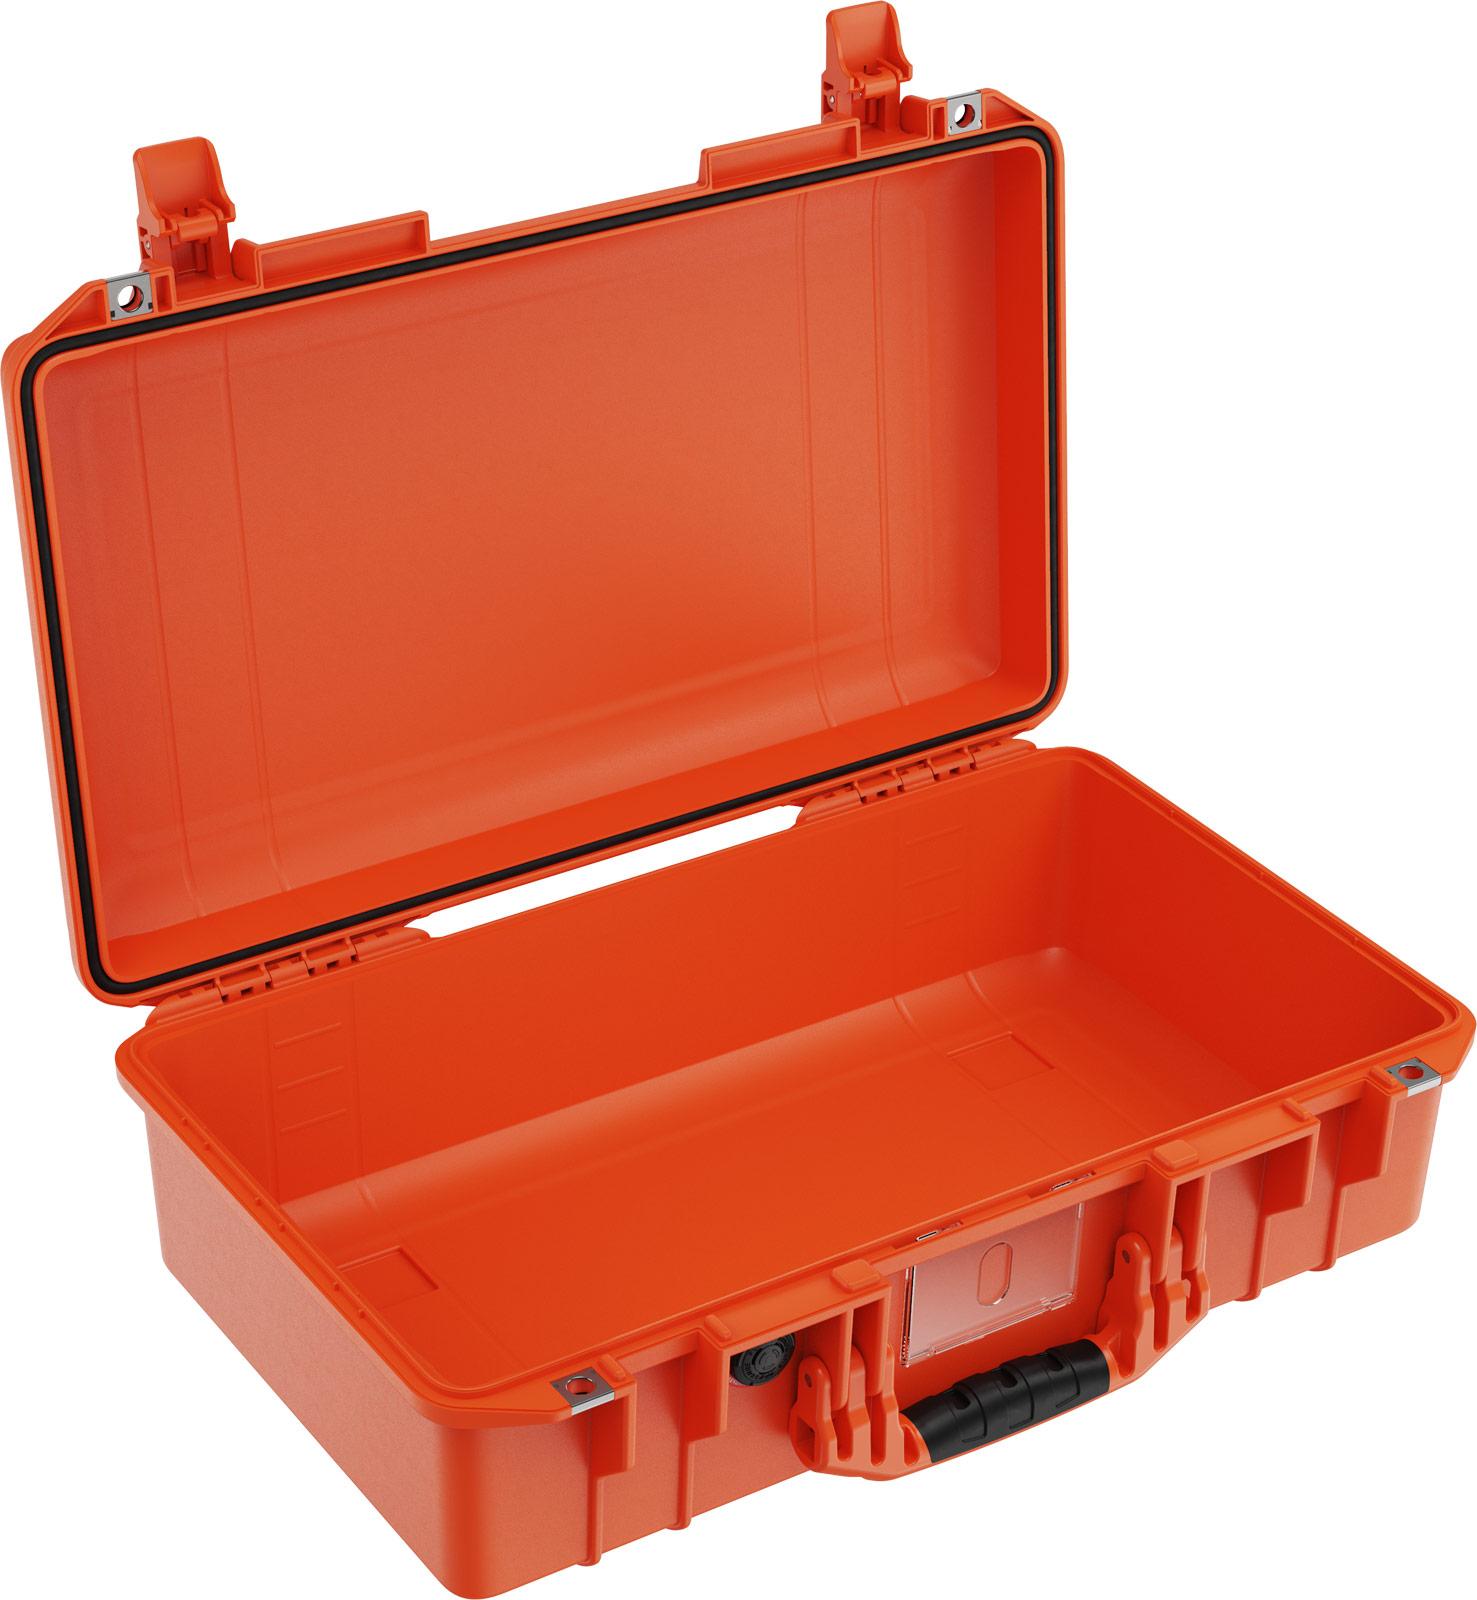 pelican air 1525 orange travel case